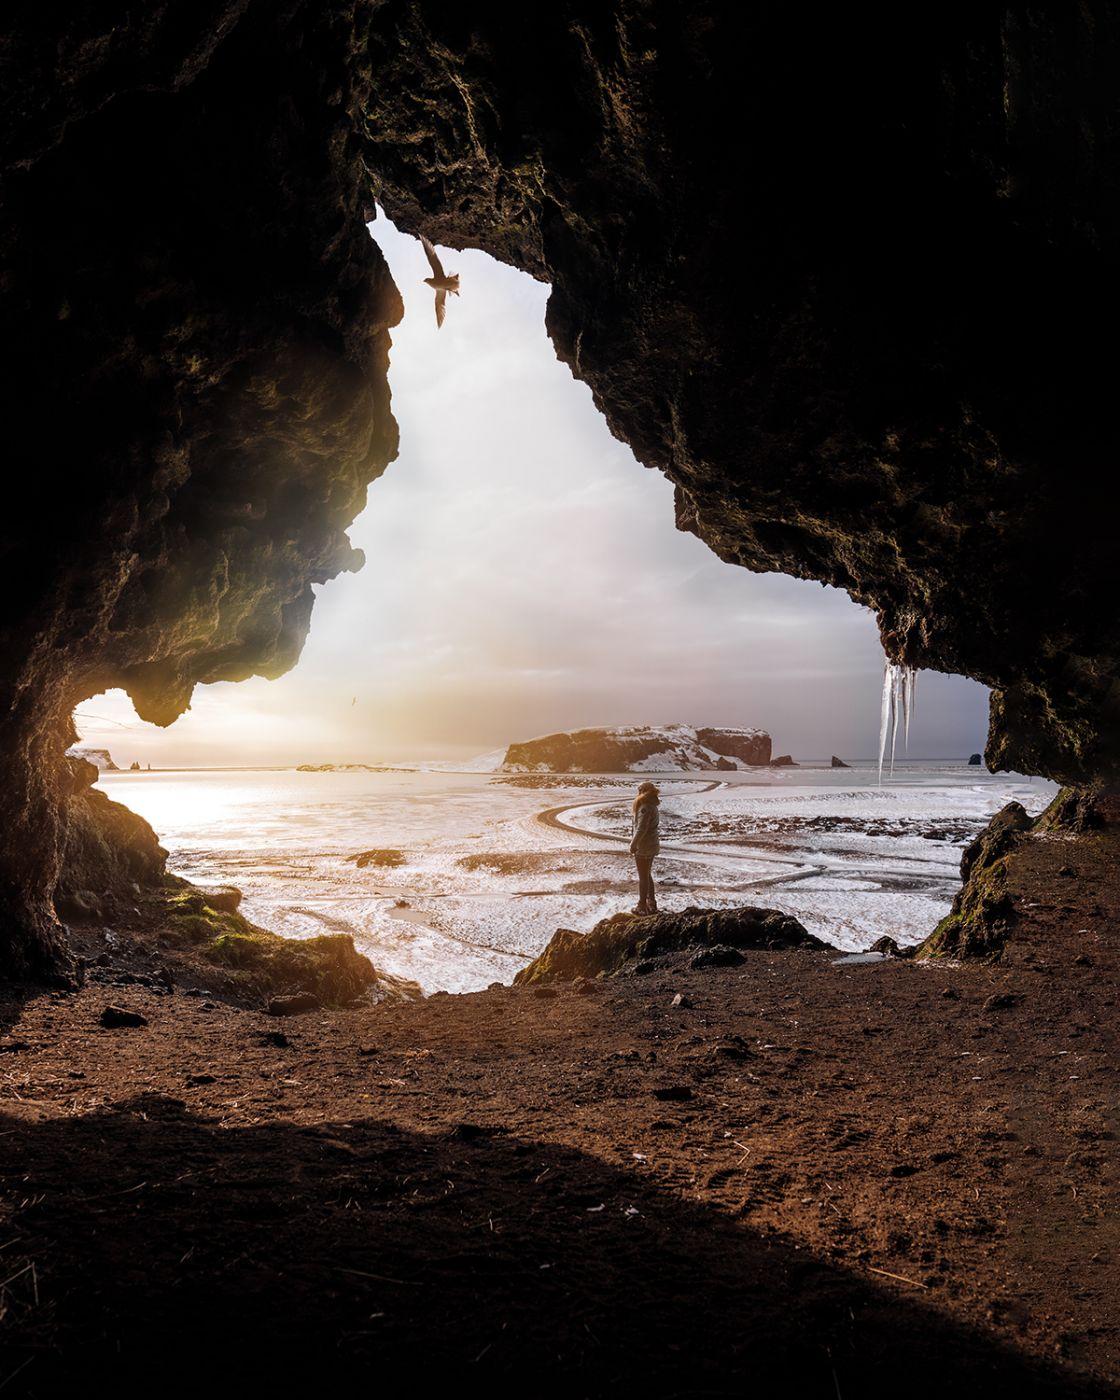 Loftsalahellir Cave, Iceland